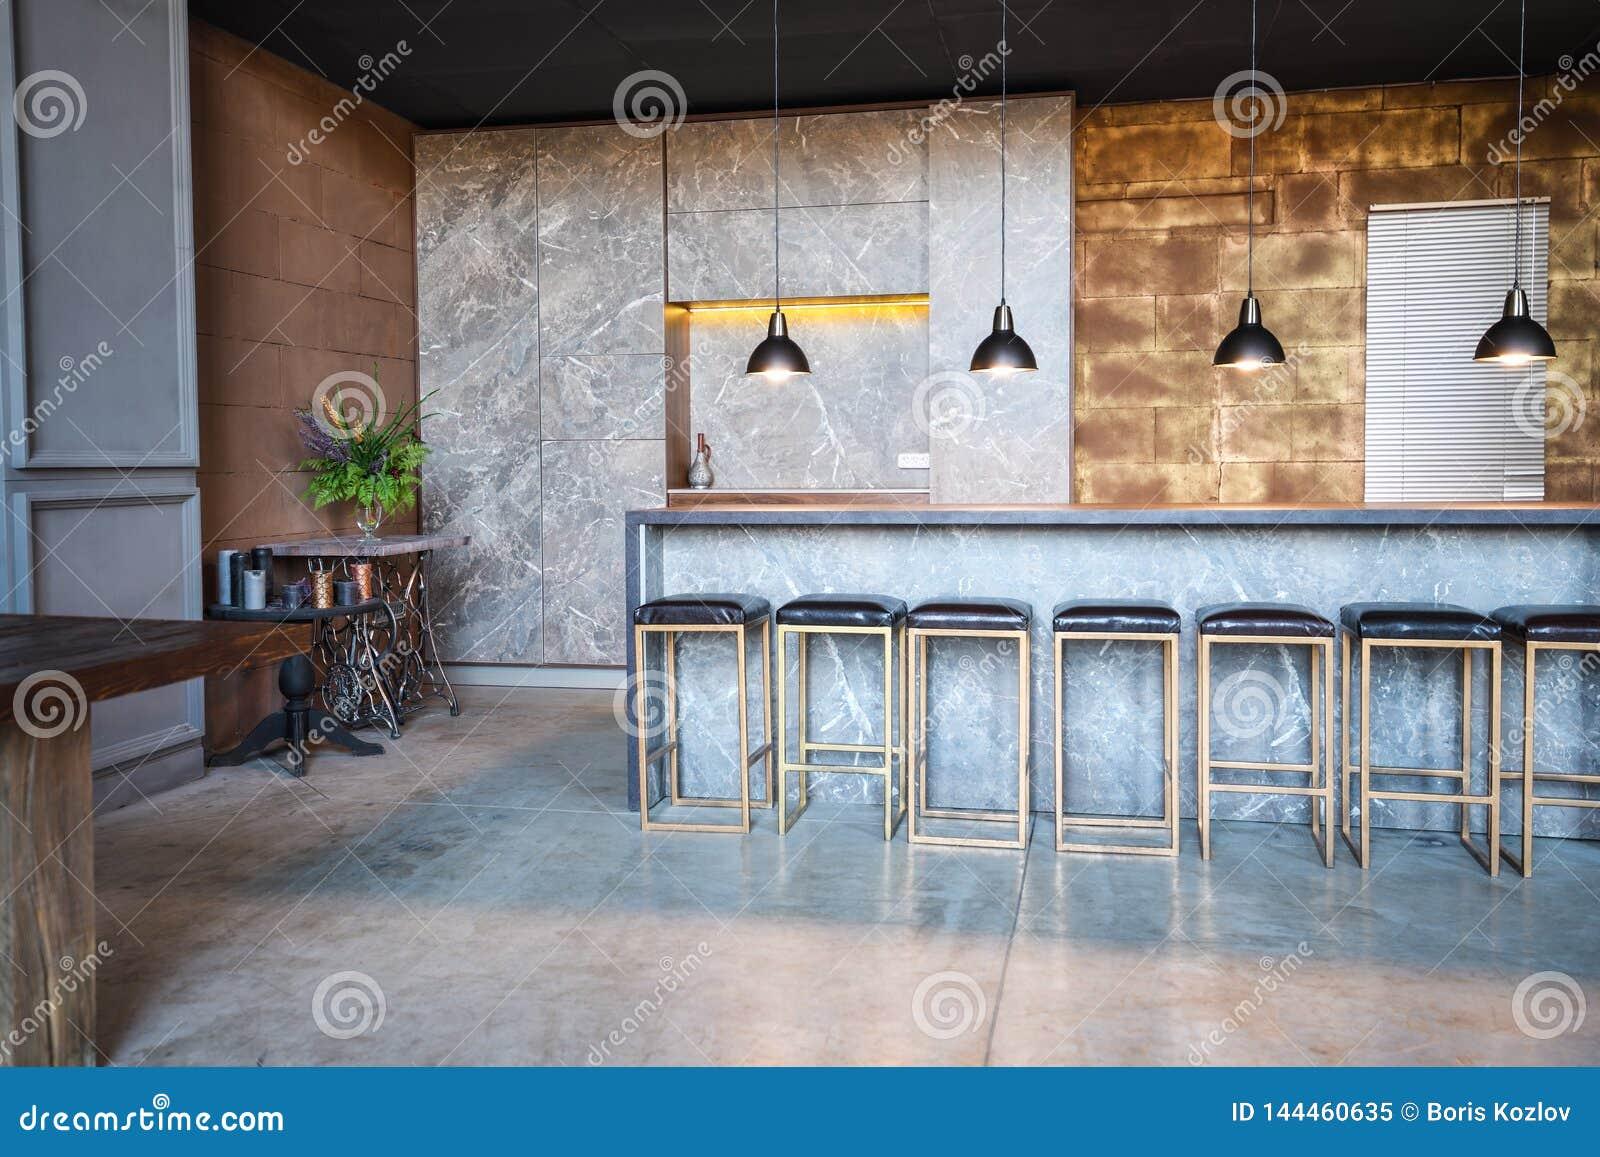 工业顶楼酒吧样式 屋子有很多椅子在酒吧,四盏伸出的灯